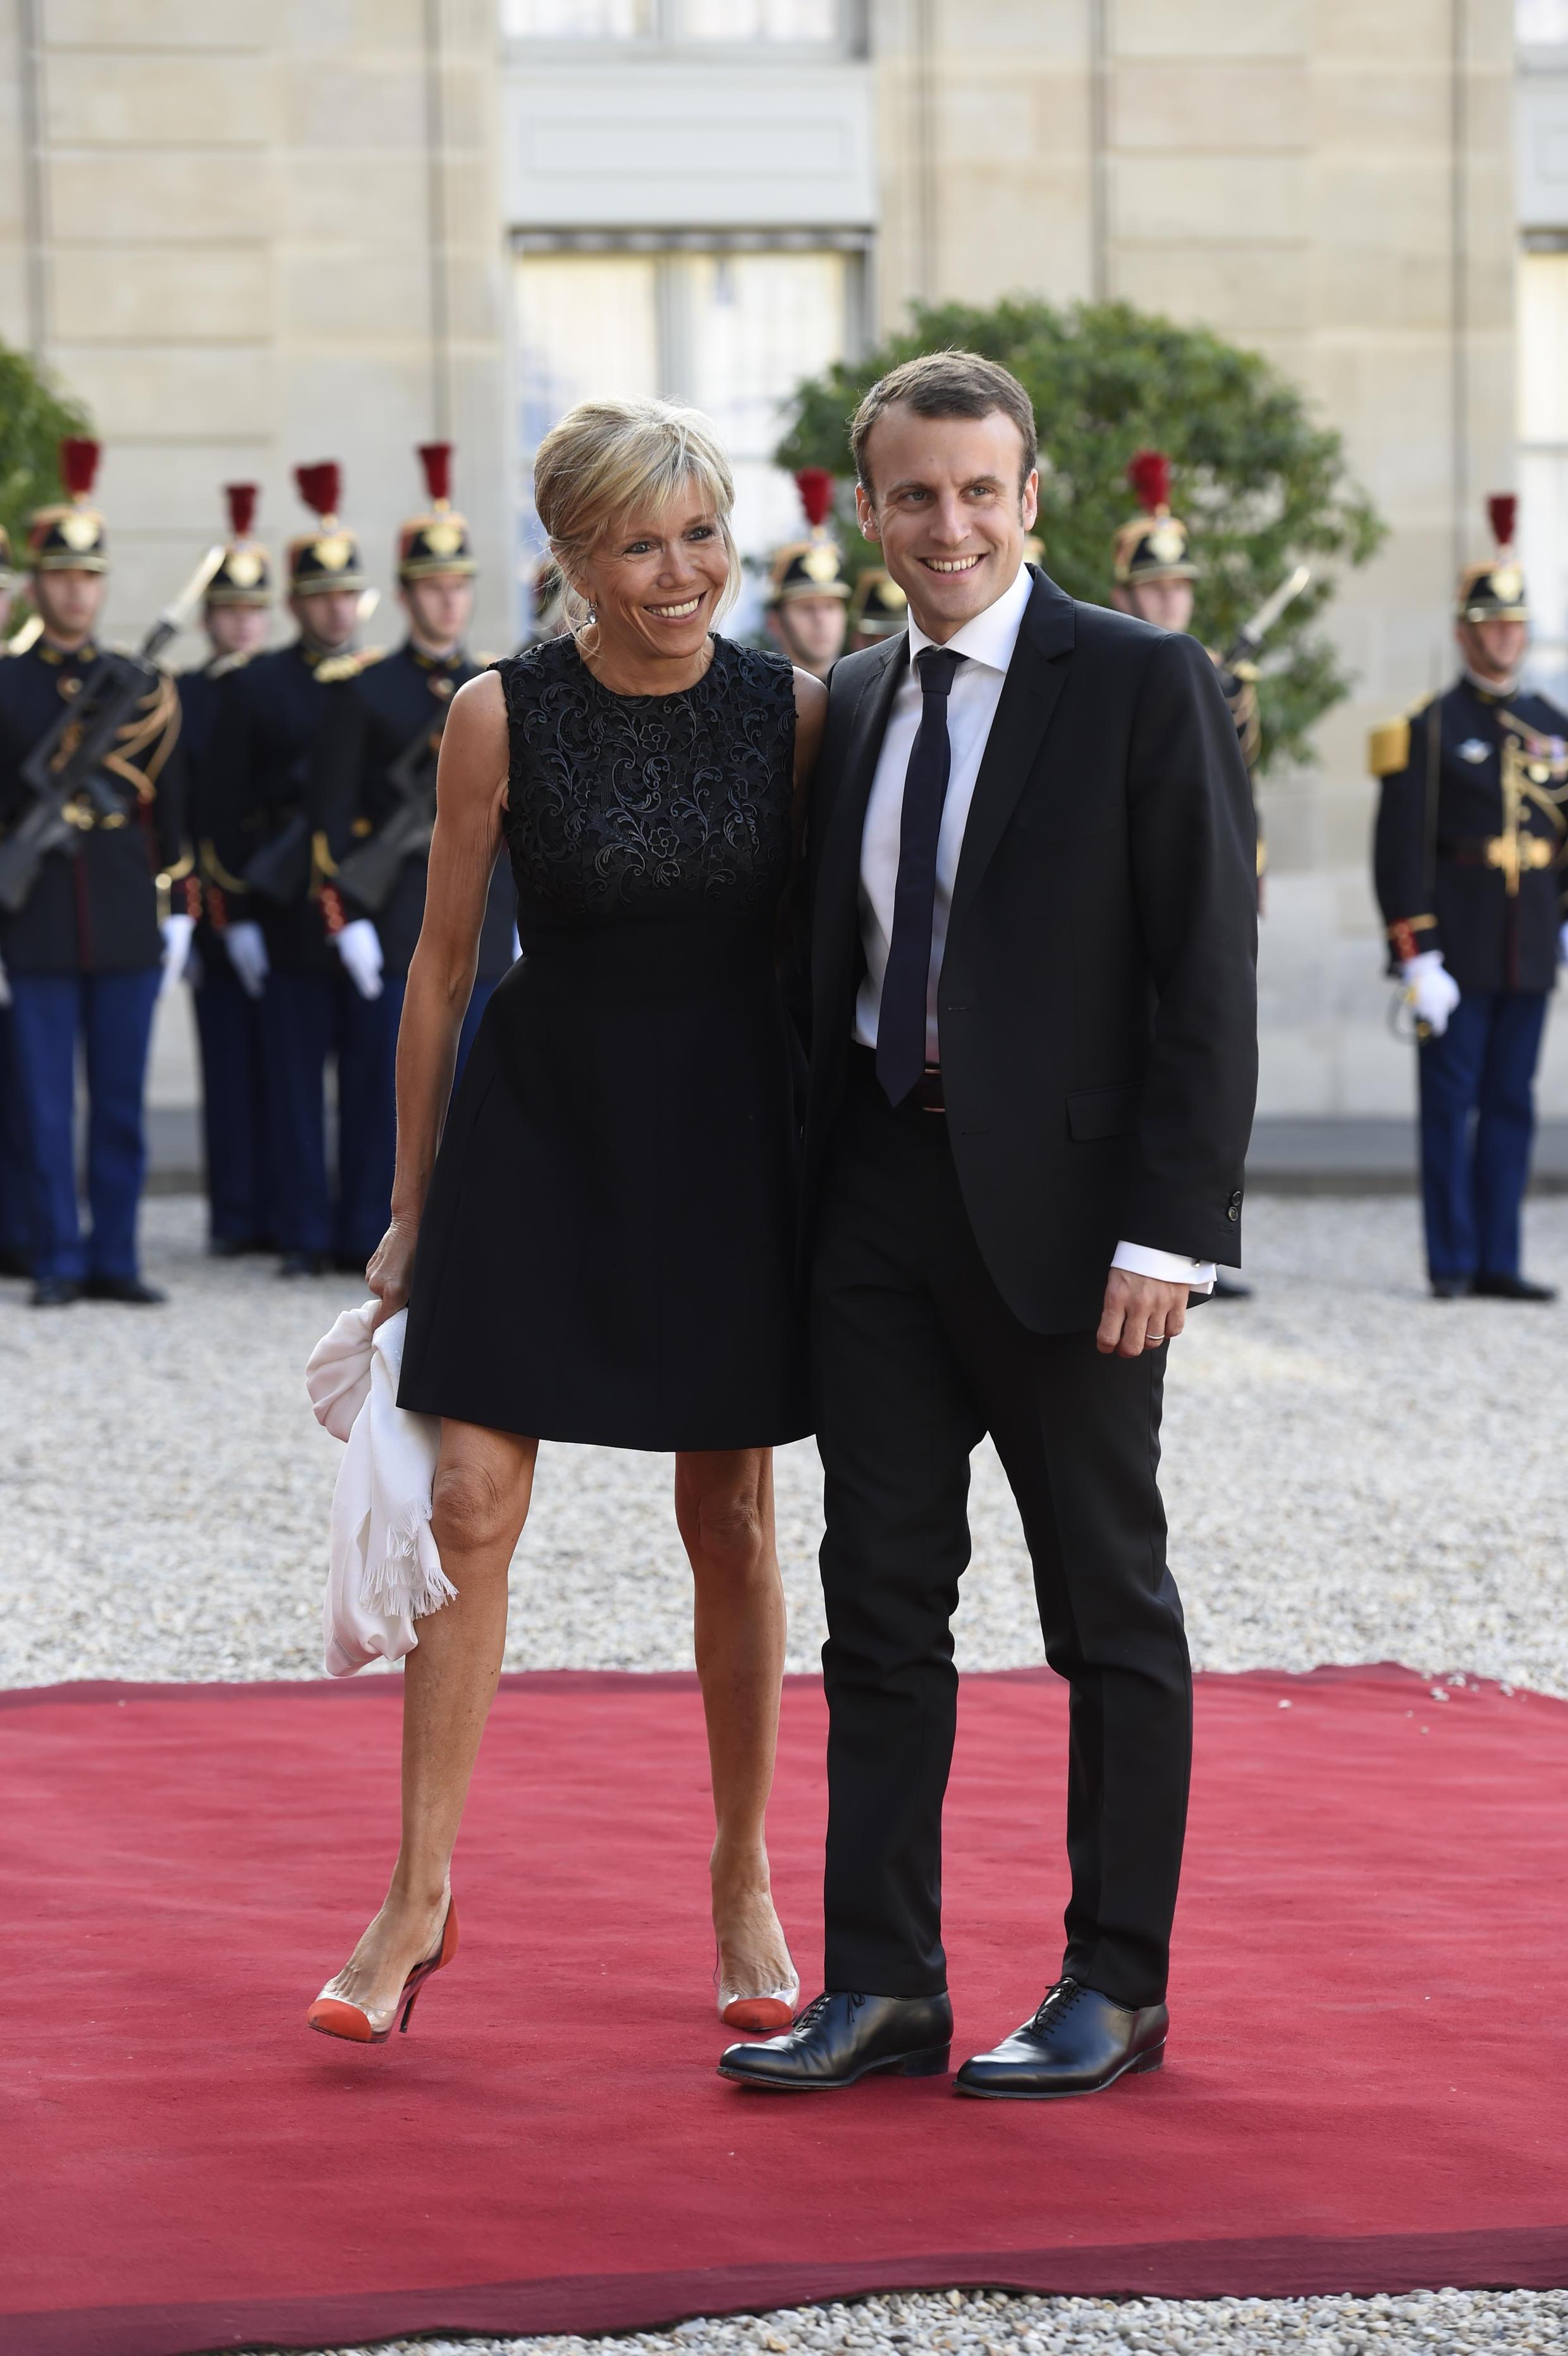 Бывший министр экономики Франции Эмманюэль Макрон женат на своей бывшей учительнице, старше его более чем на 20 лет.